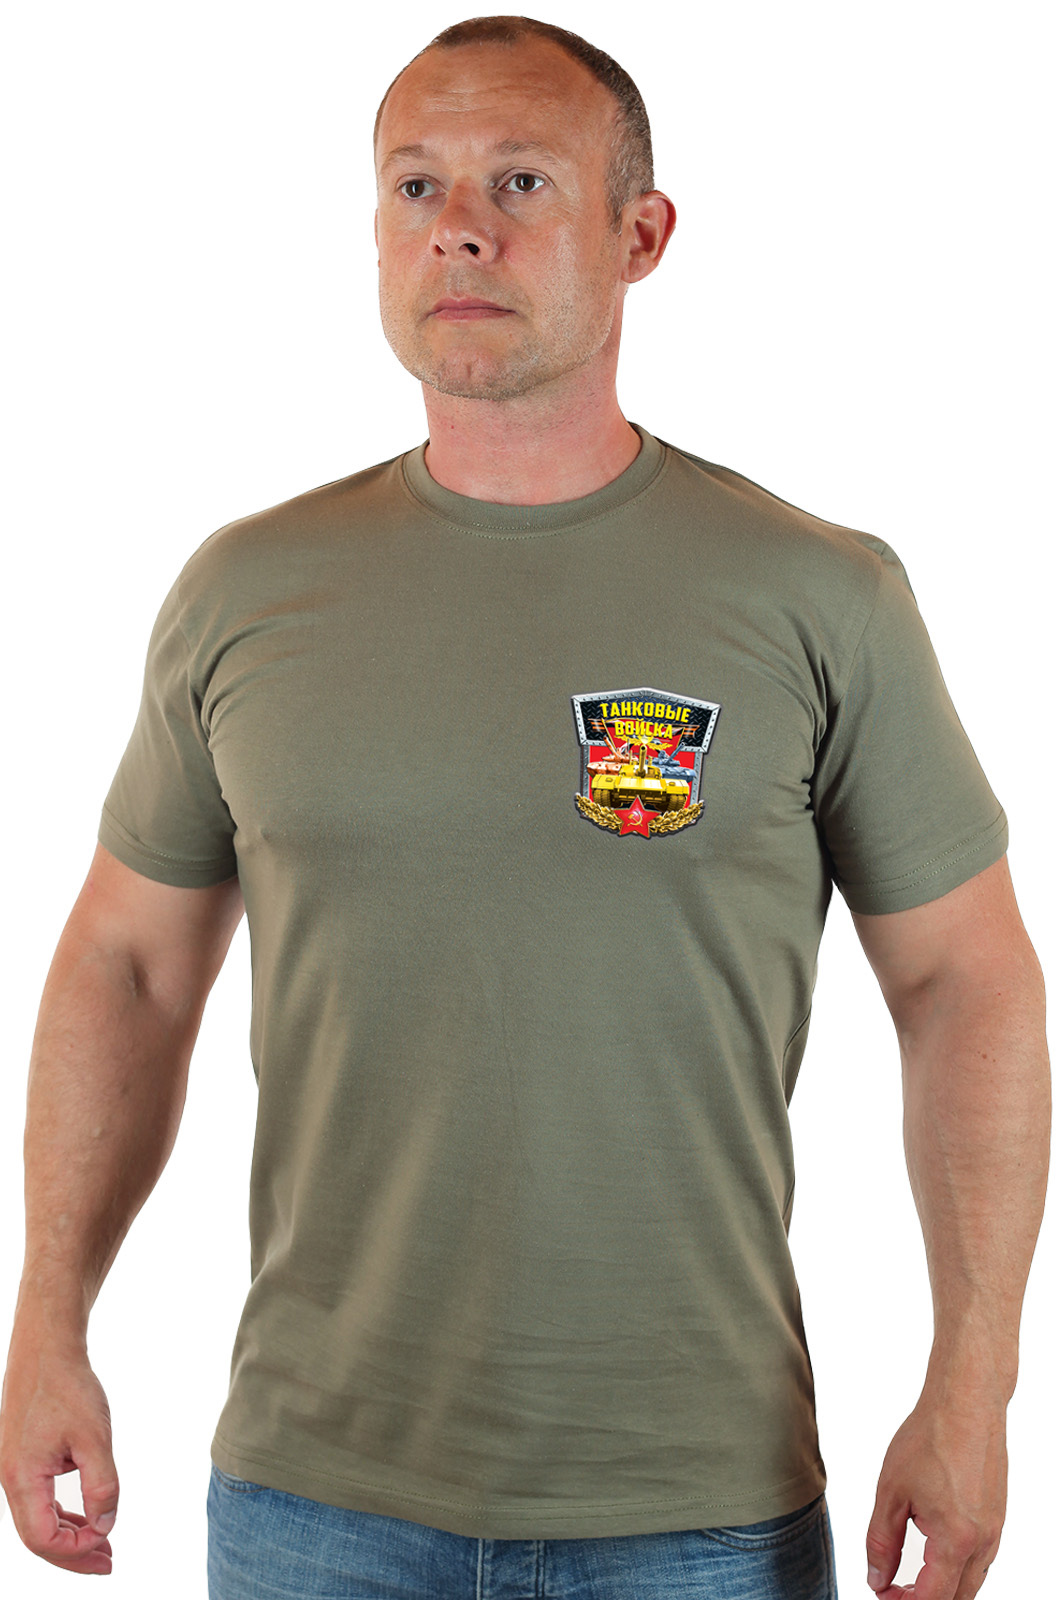 Купить в интернете с доставкой футболку танкиста